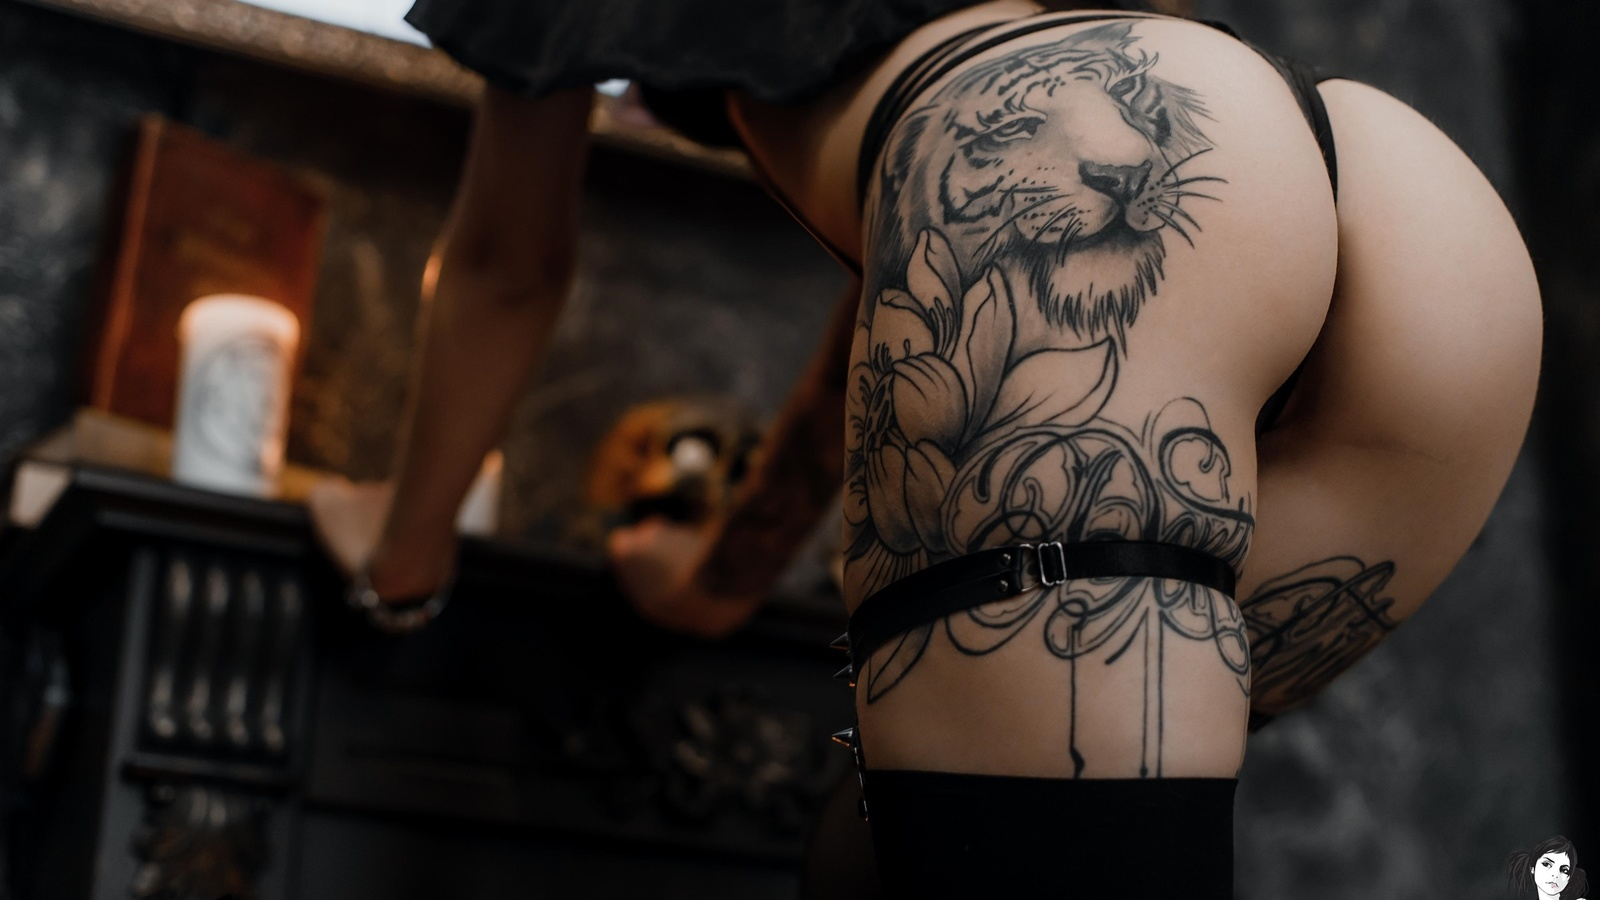 porno-girl-ass-tattoos